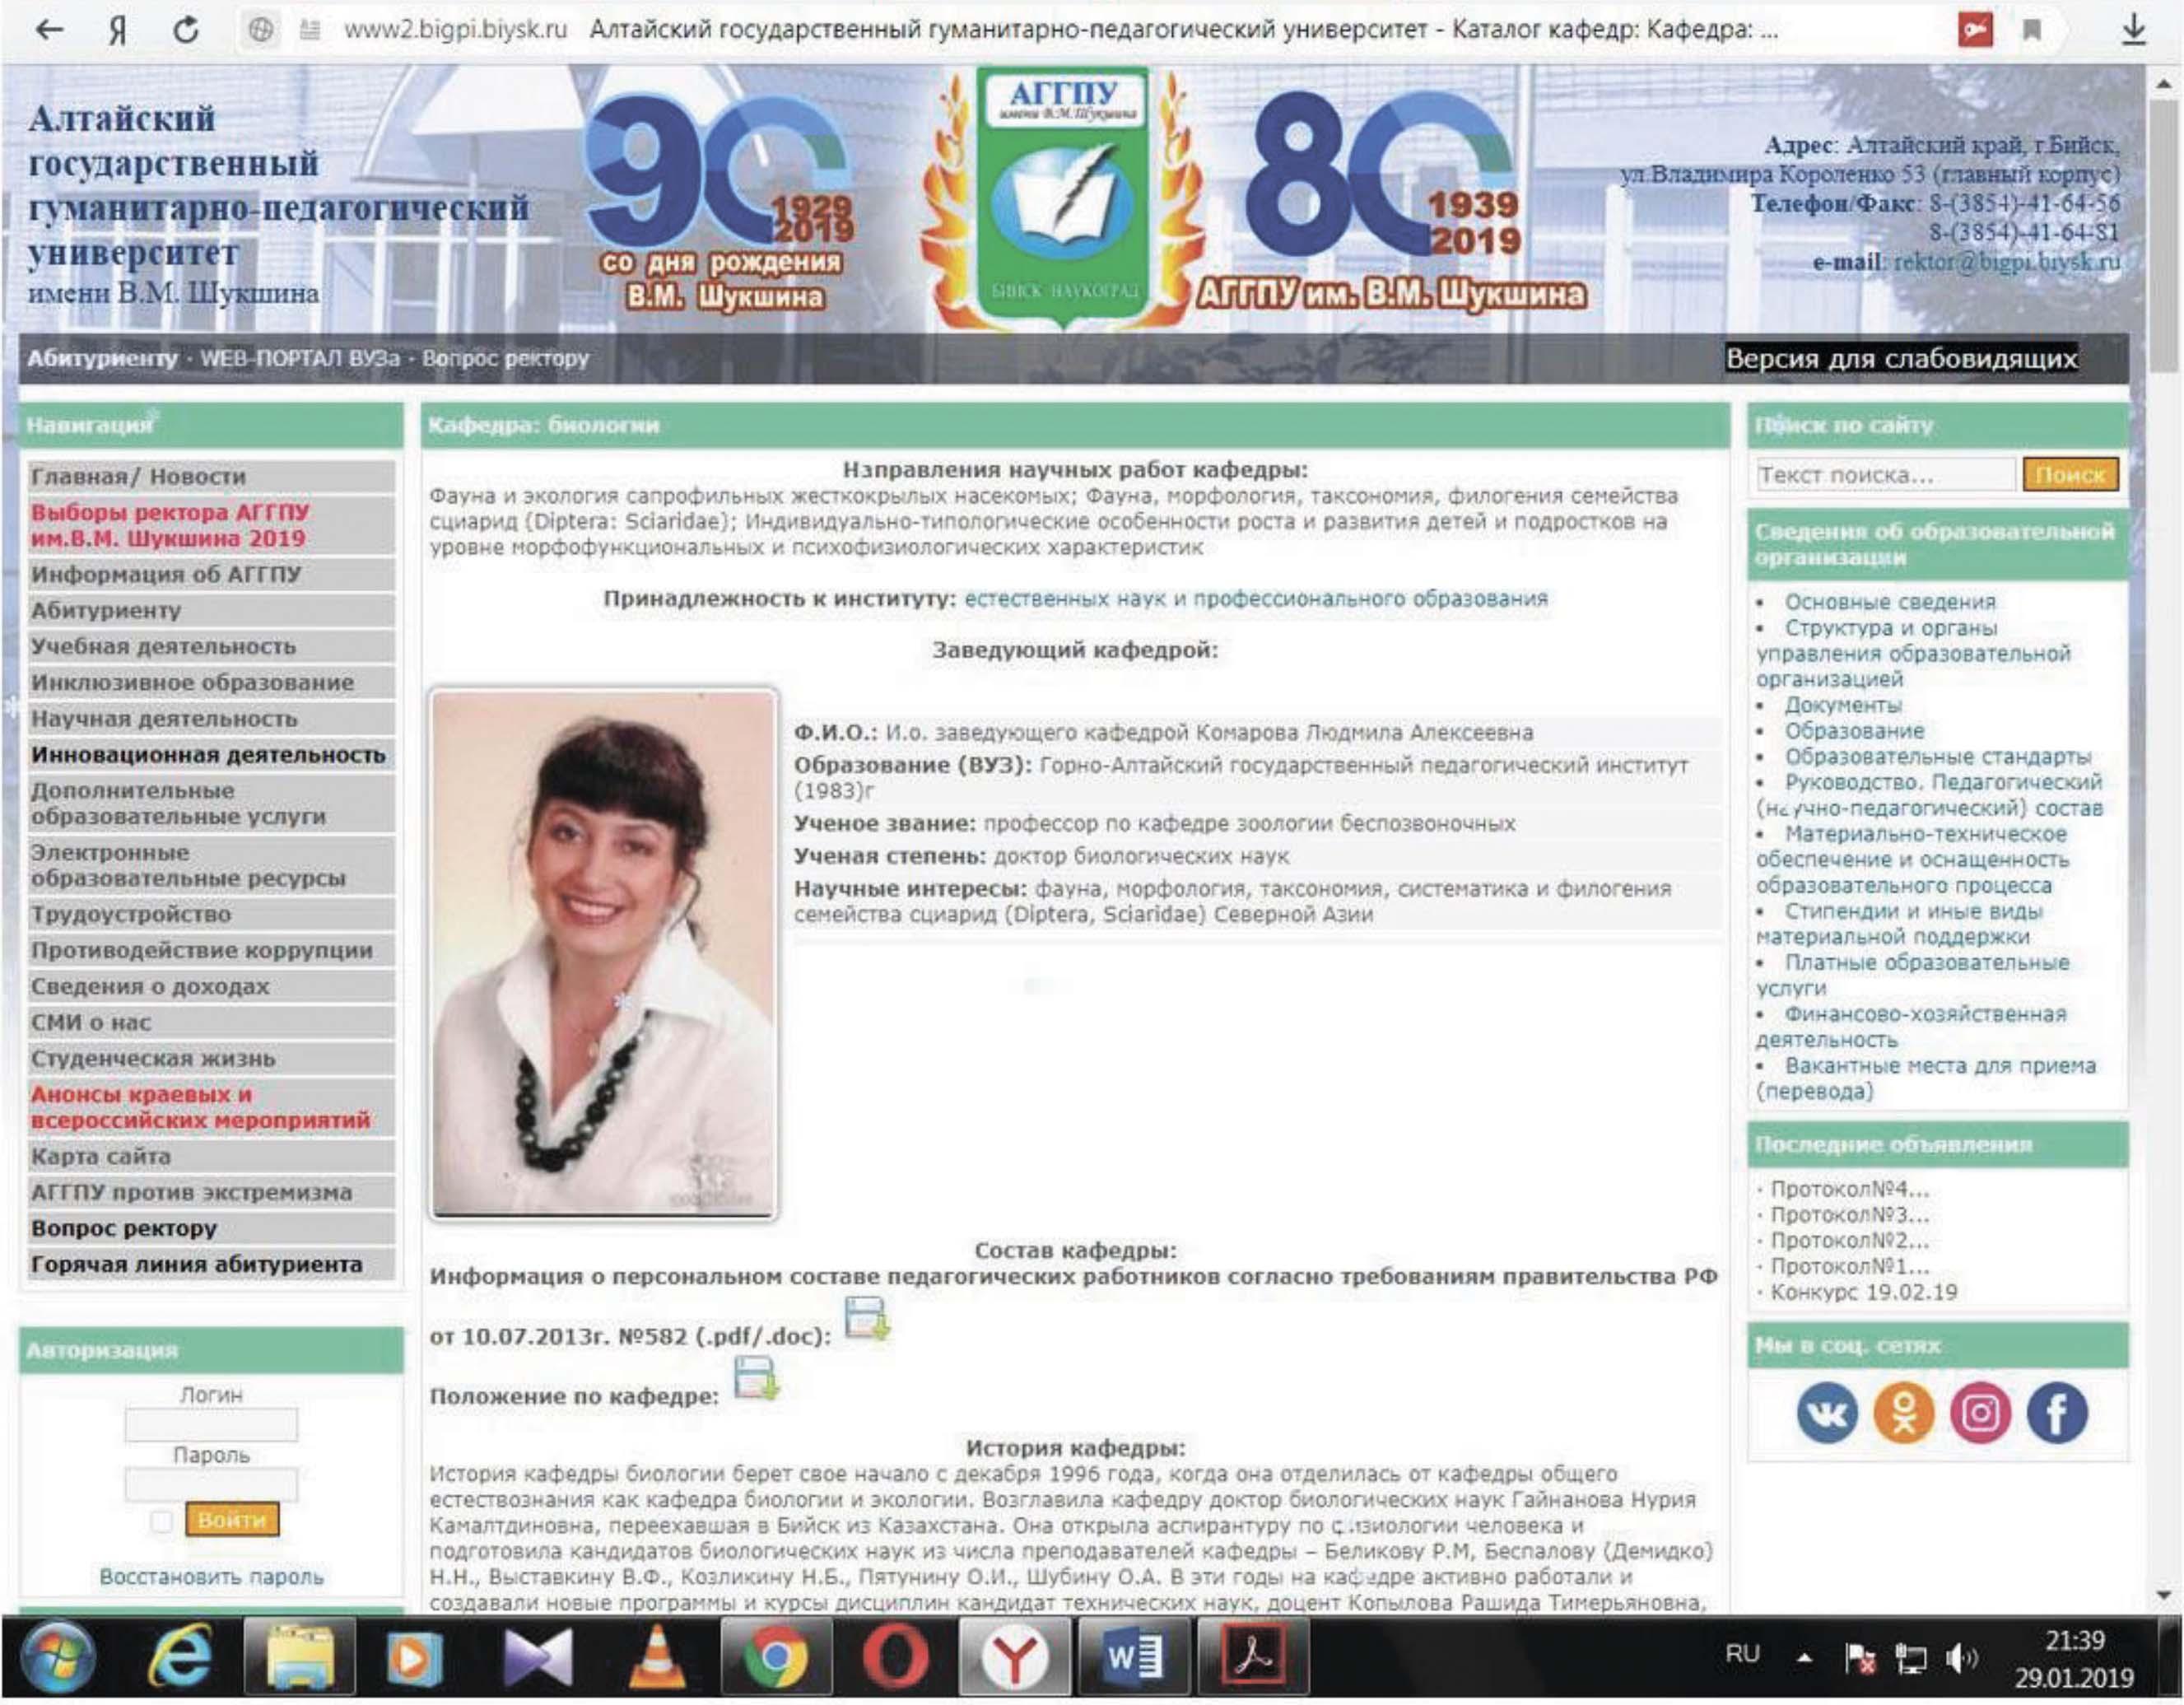 Охота на профессора: Учёного с мировыми достижениями втоптали в грязь россия